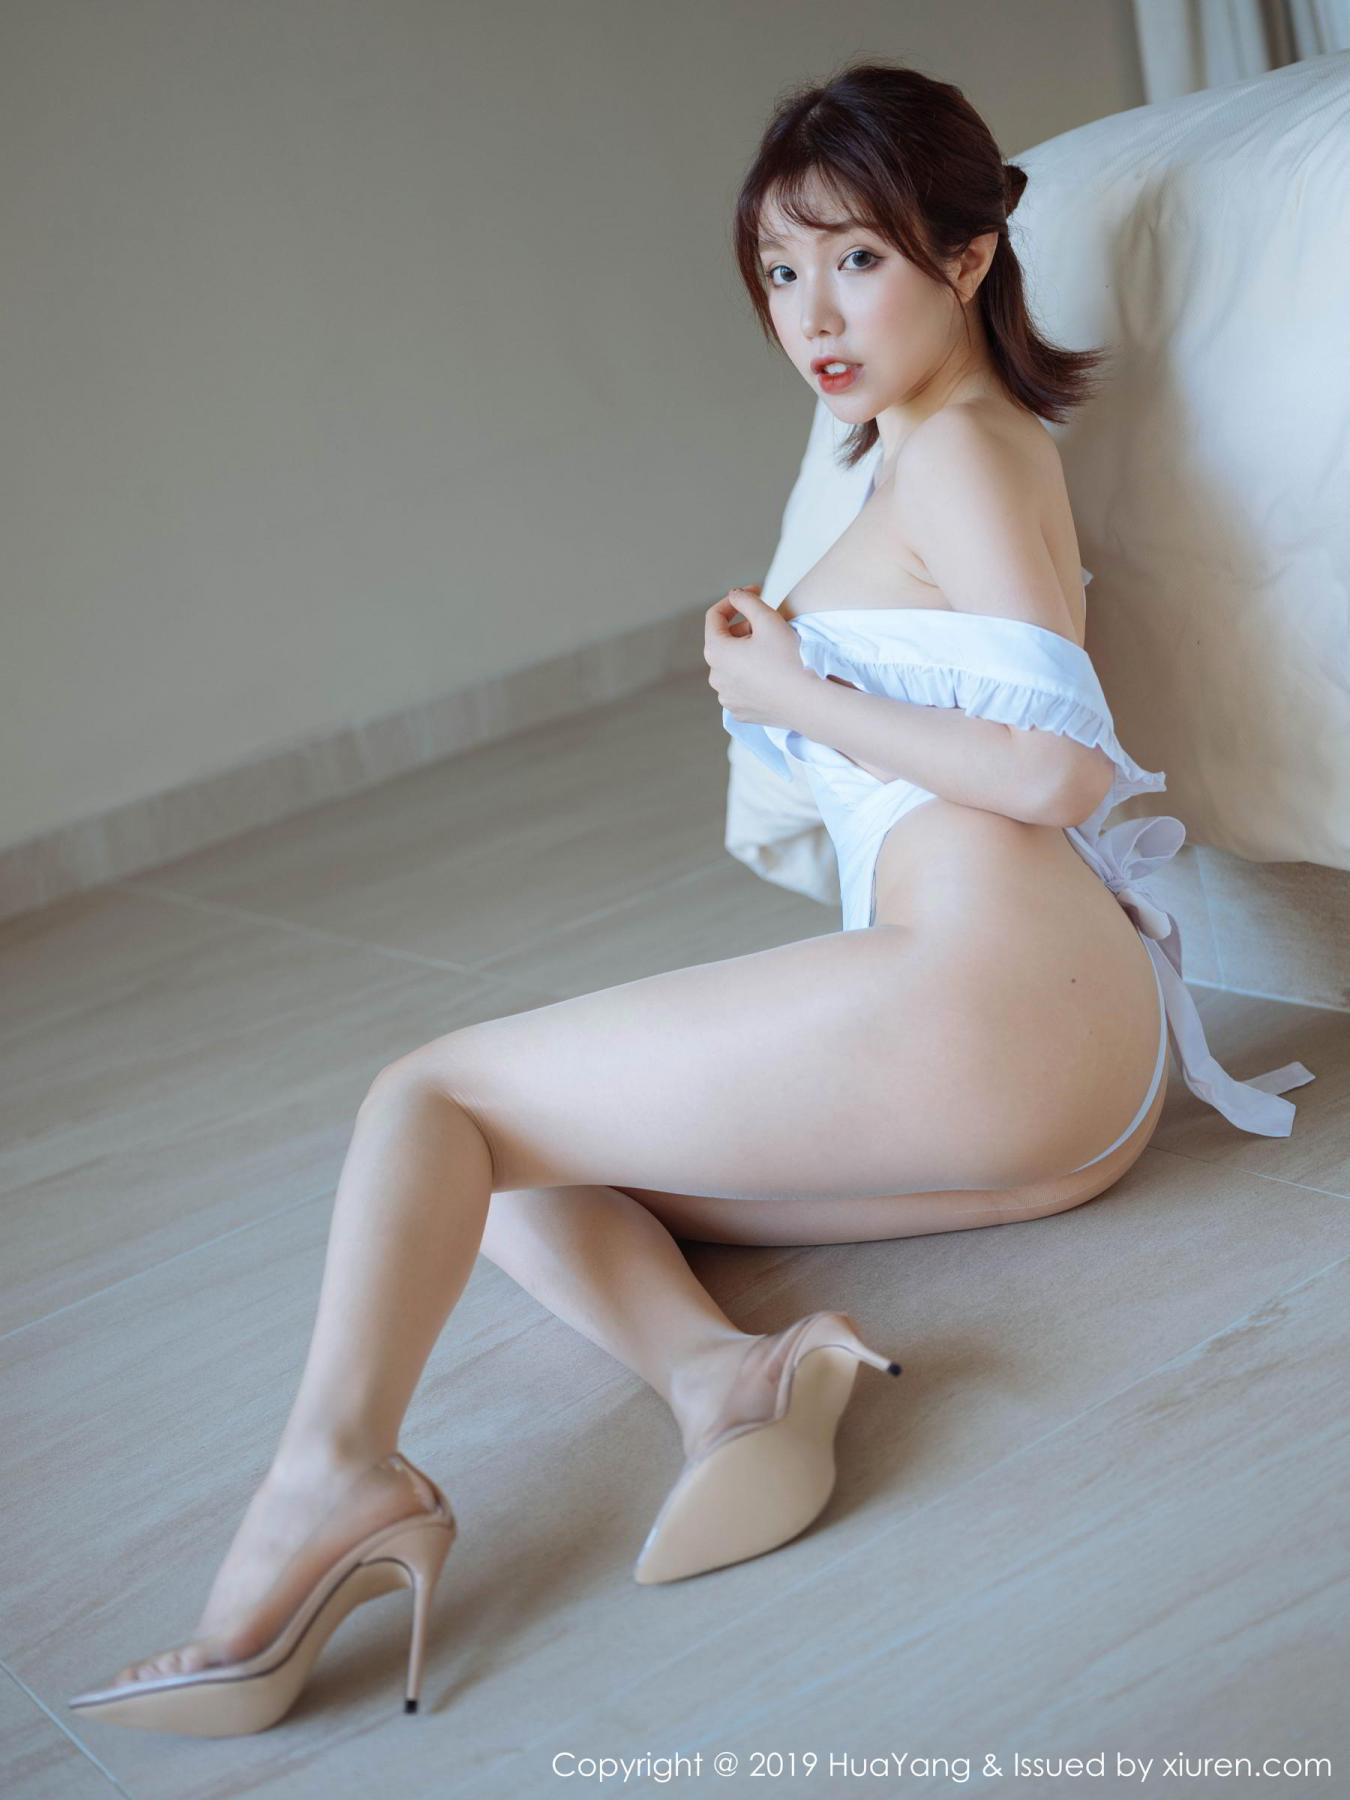 [Huayang] Vol.134 Huang Le Ran 17P, Huang Le Ran, HuaYang, Maid, Sexy